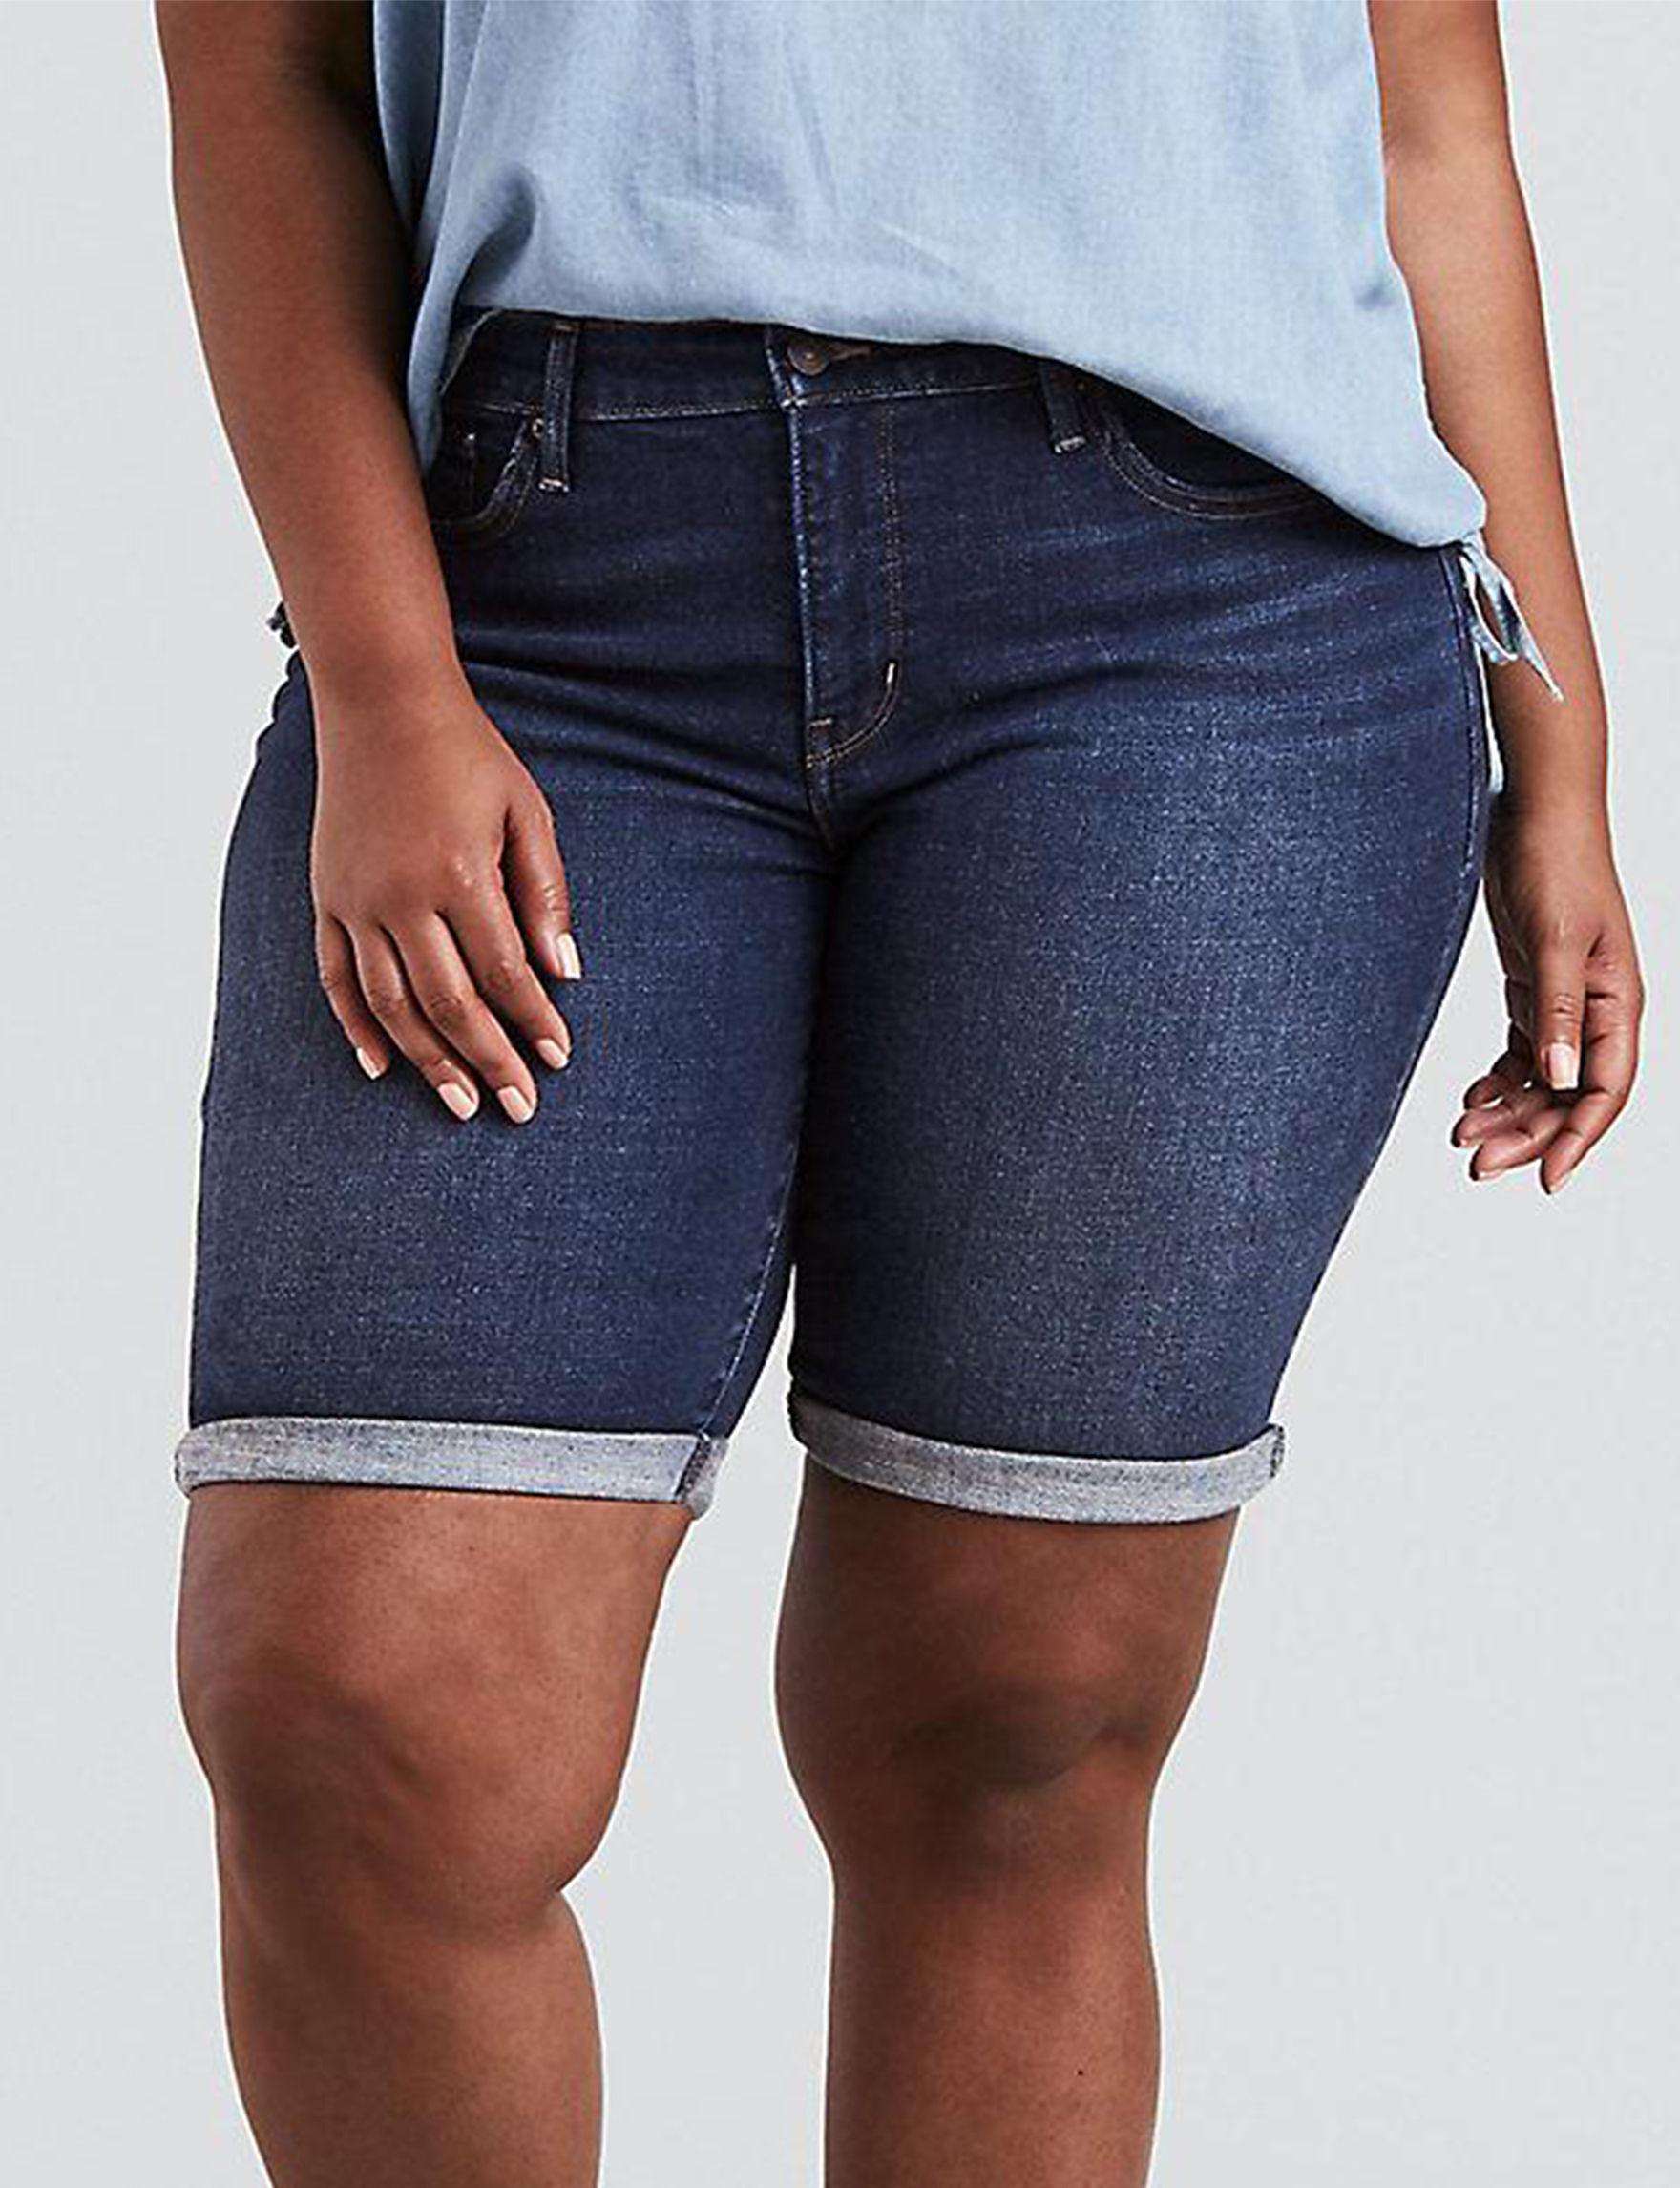 Levi's Dark Rinse Bermudas Denim Shorts